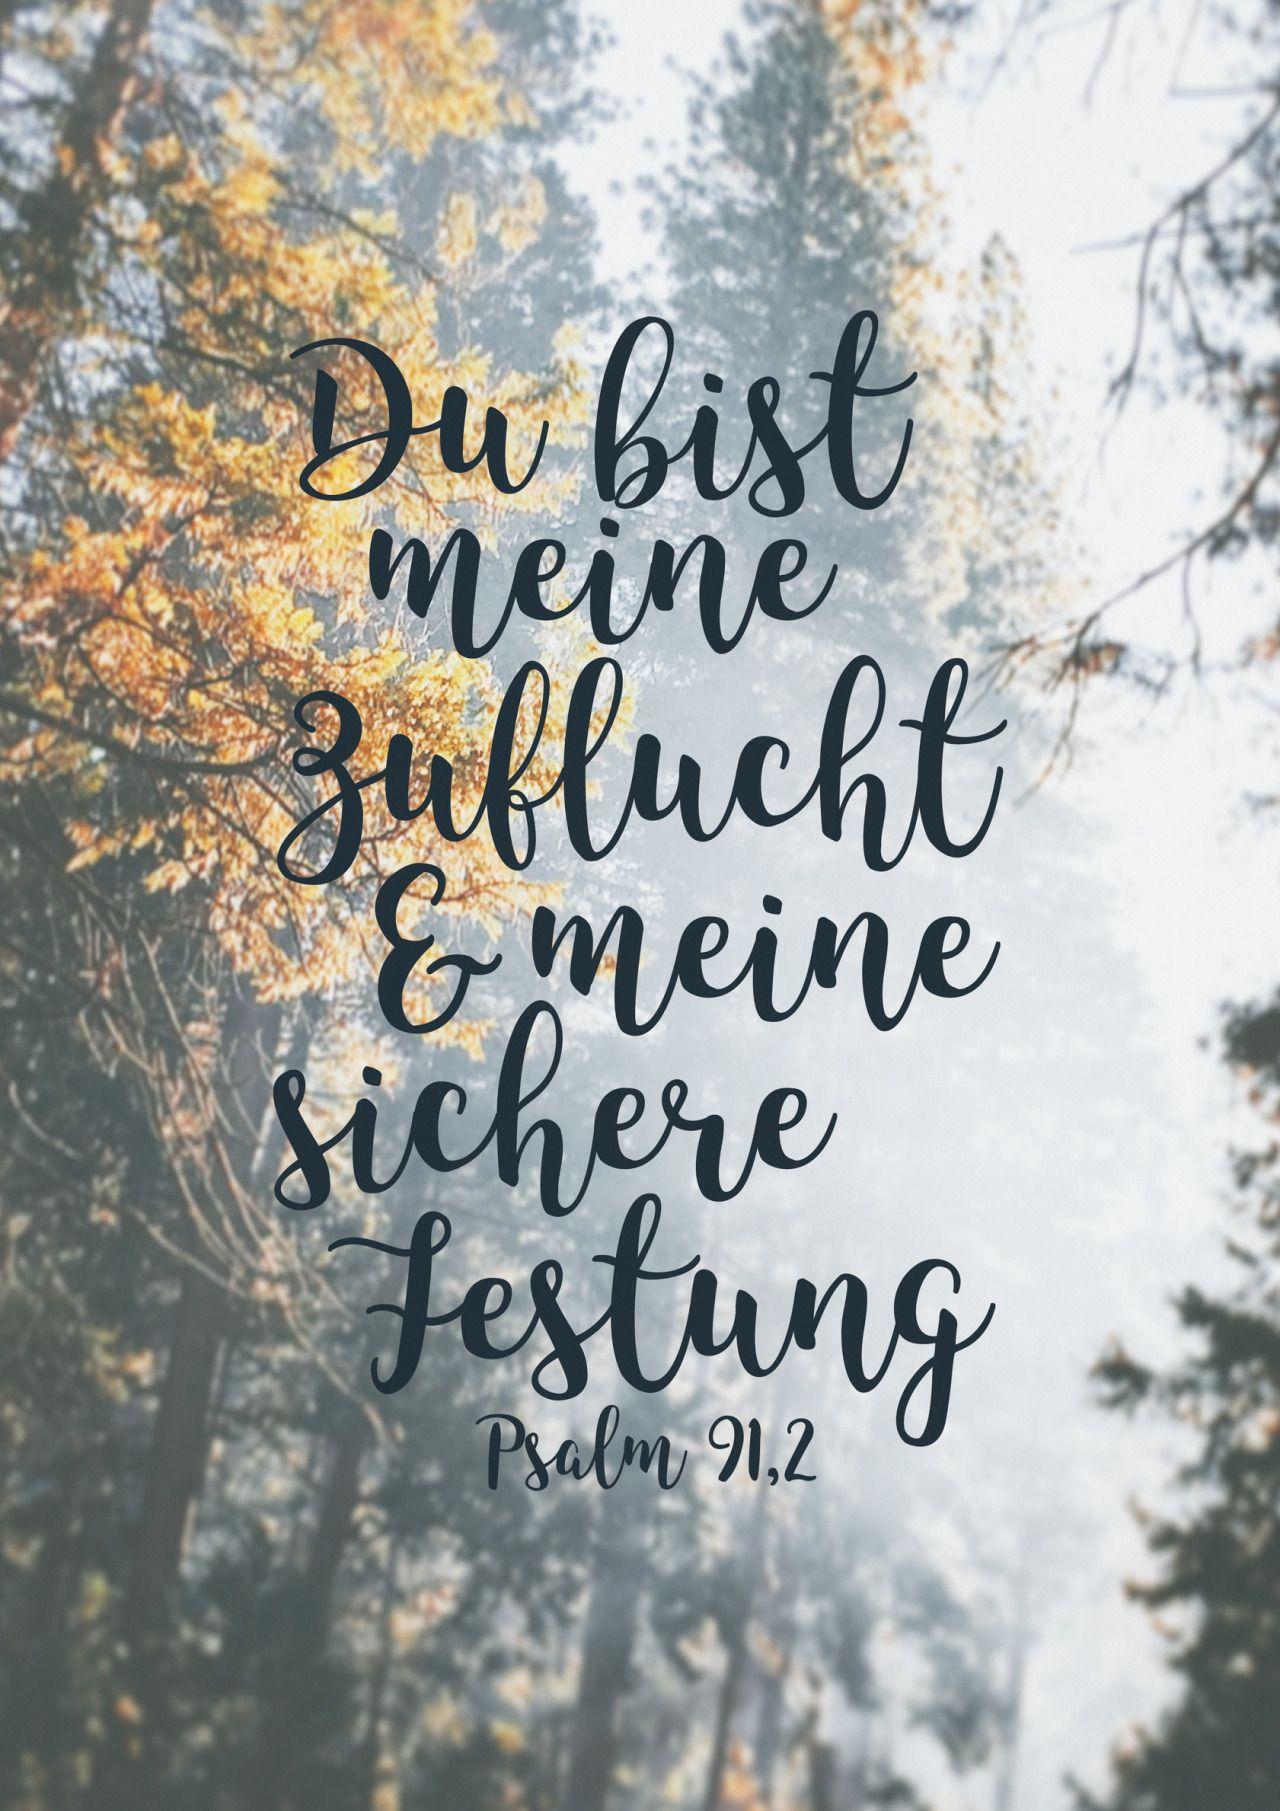 Praise Poster | Christliche sprüche, Psalmen, Sprüche hochzeit